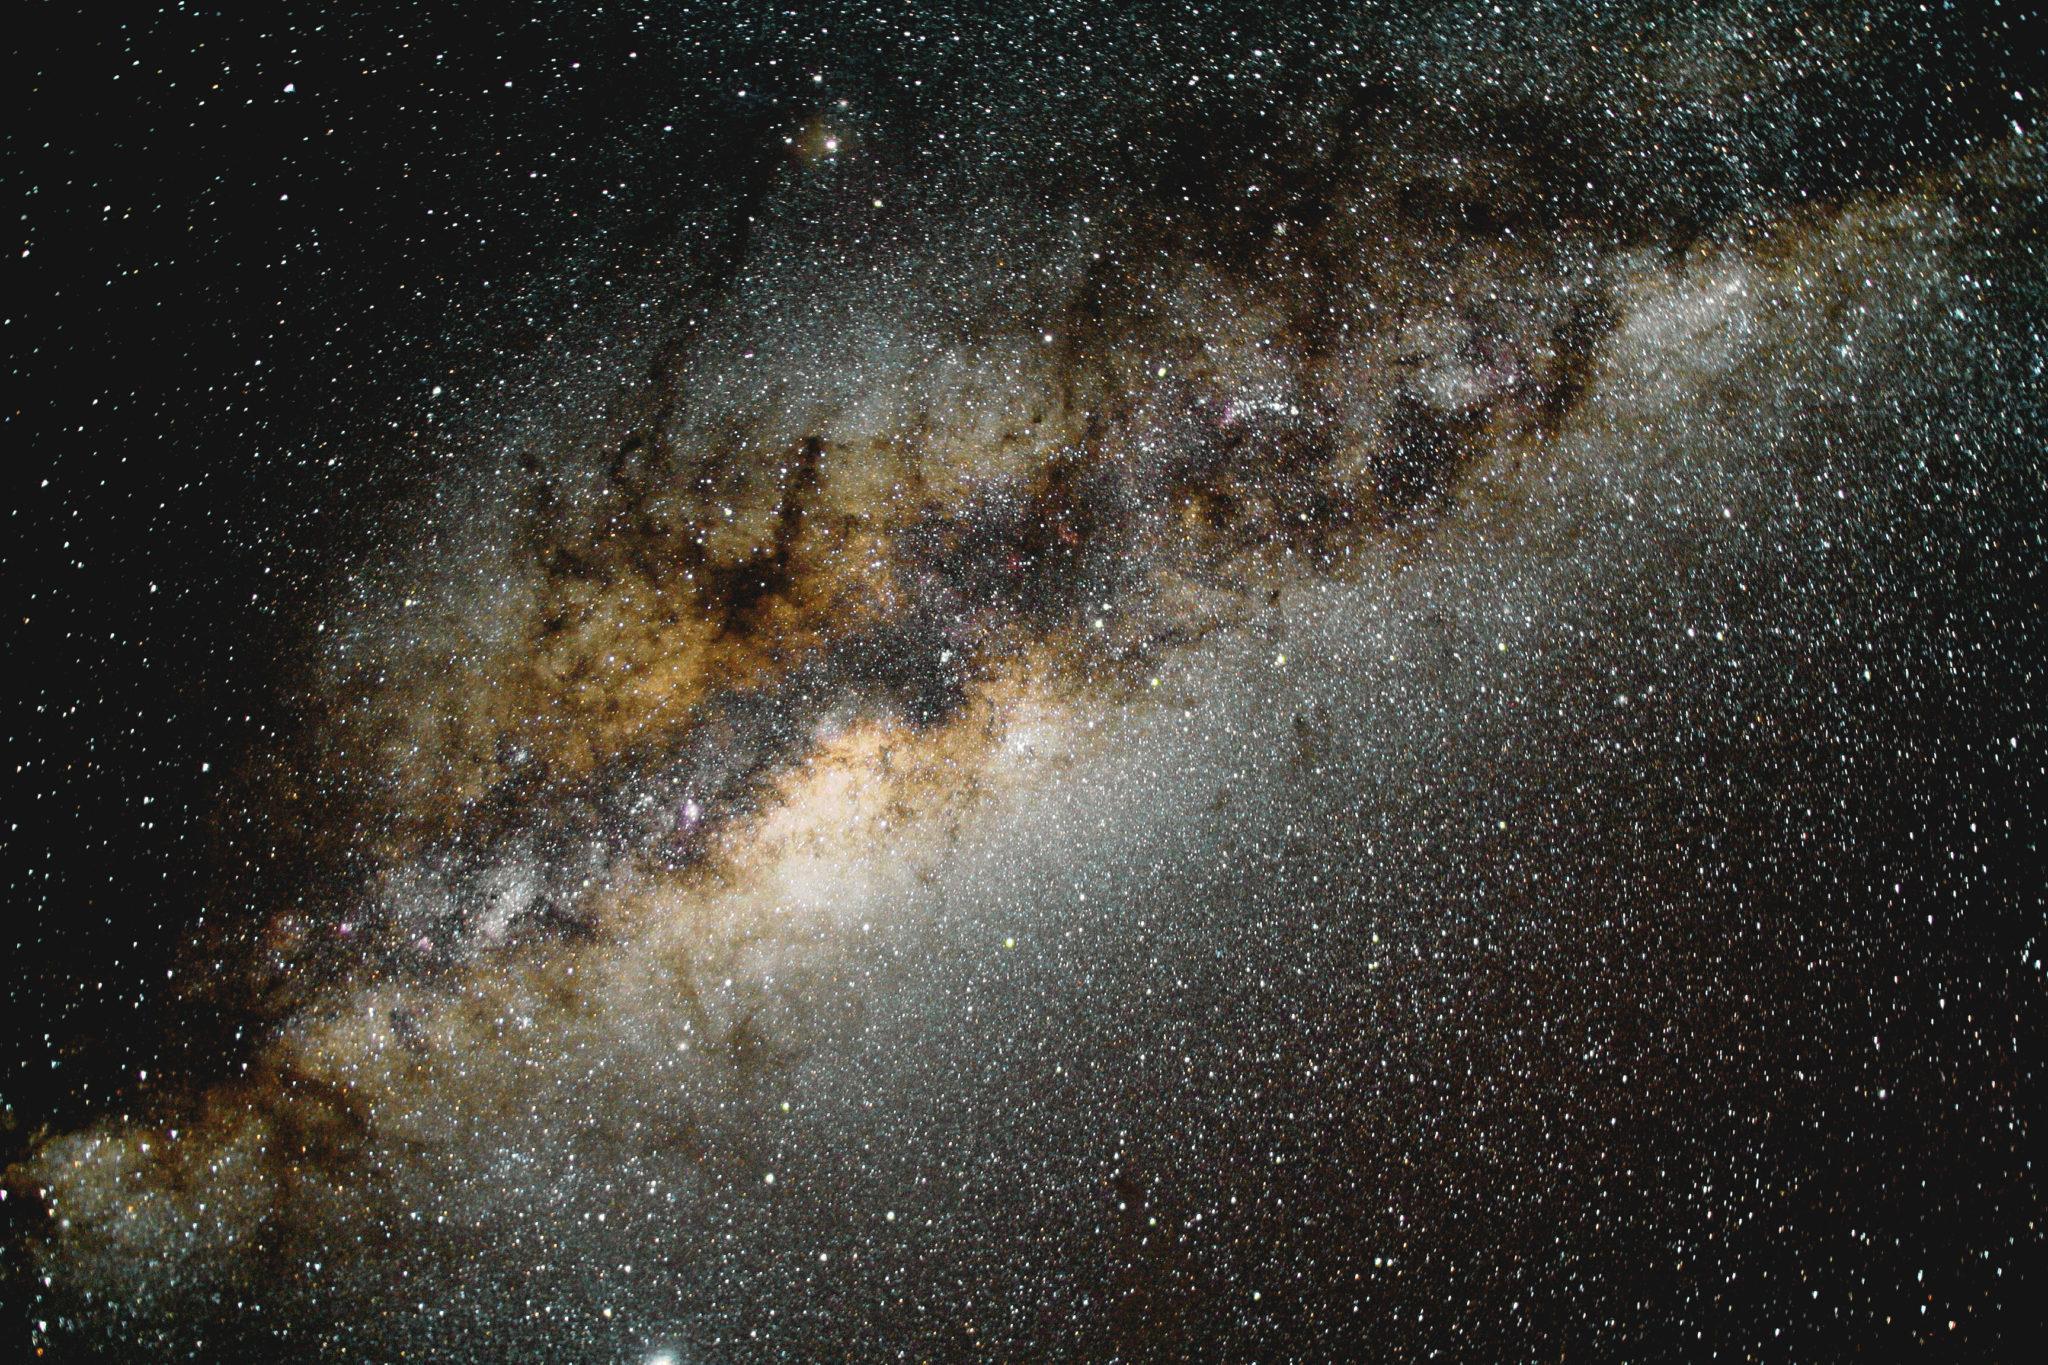 La Voie lactée et les galaxies | 16h30 pendant les vacances